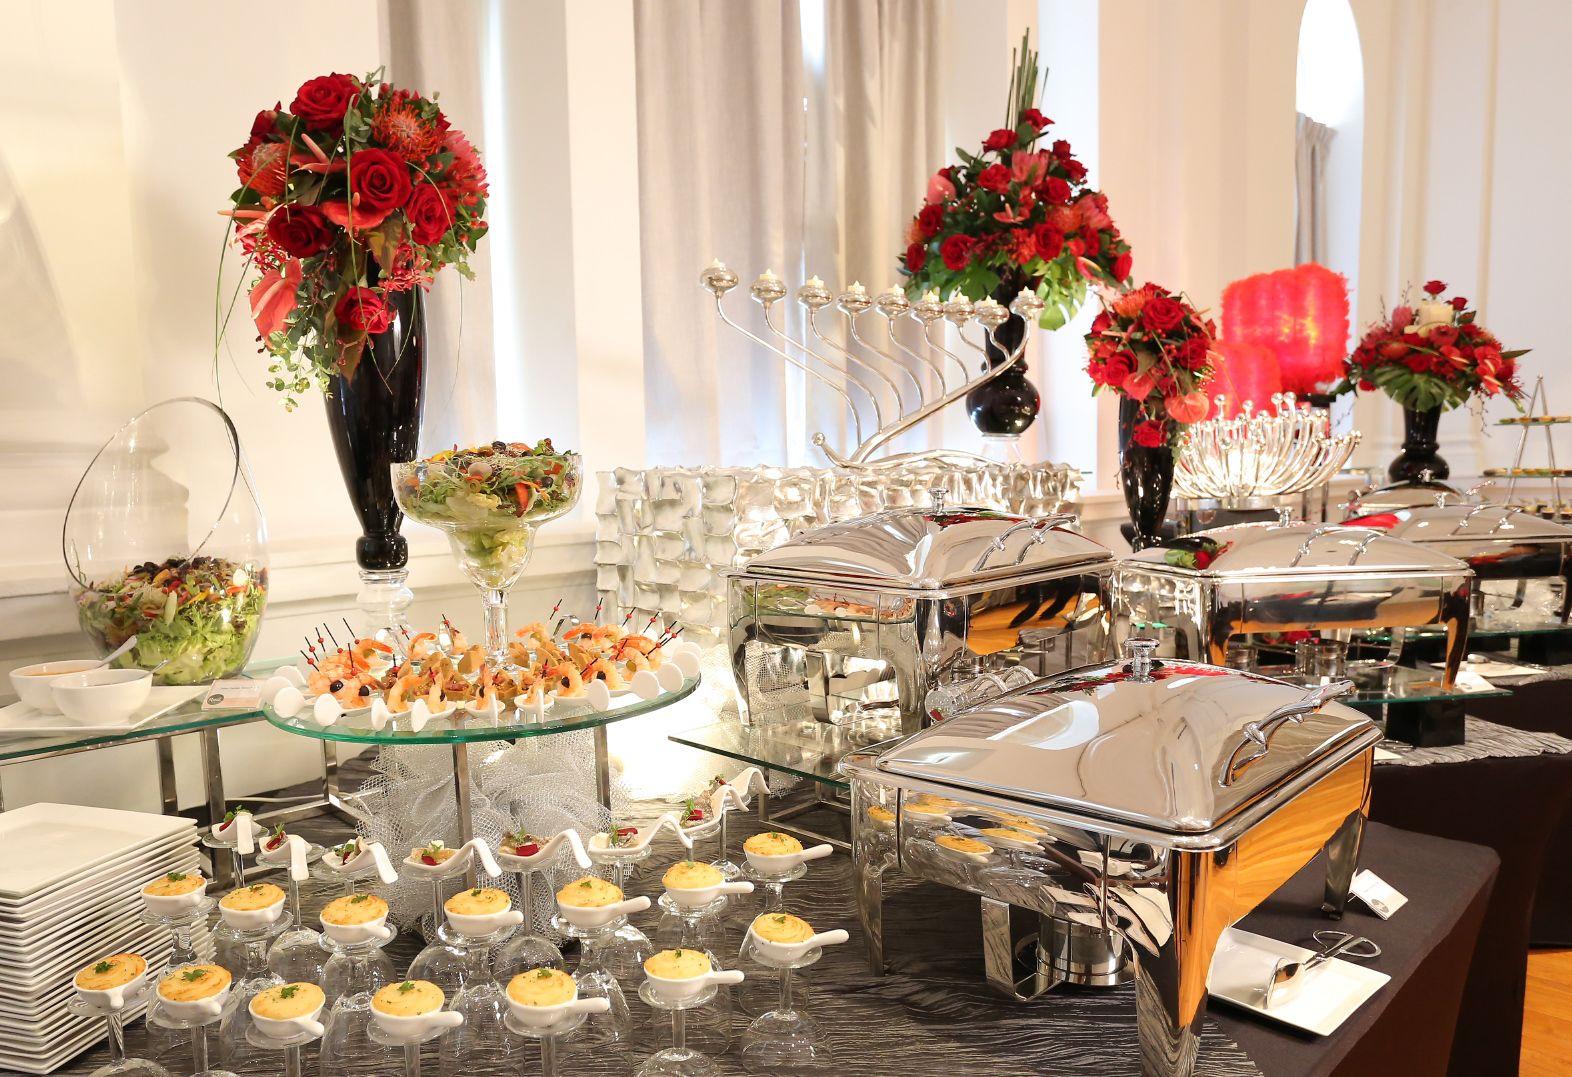 Hãy lựa chọn đơn vị tổ chức uy tín để có đám cưới hoàn hảo